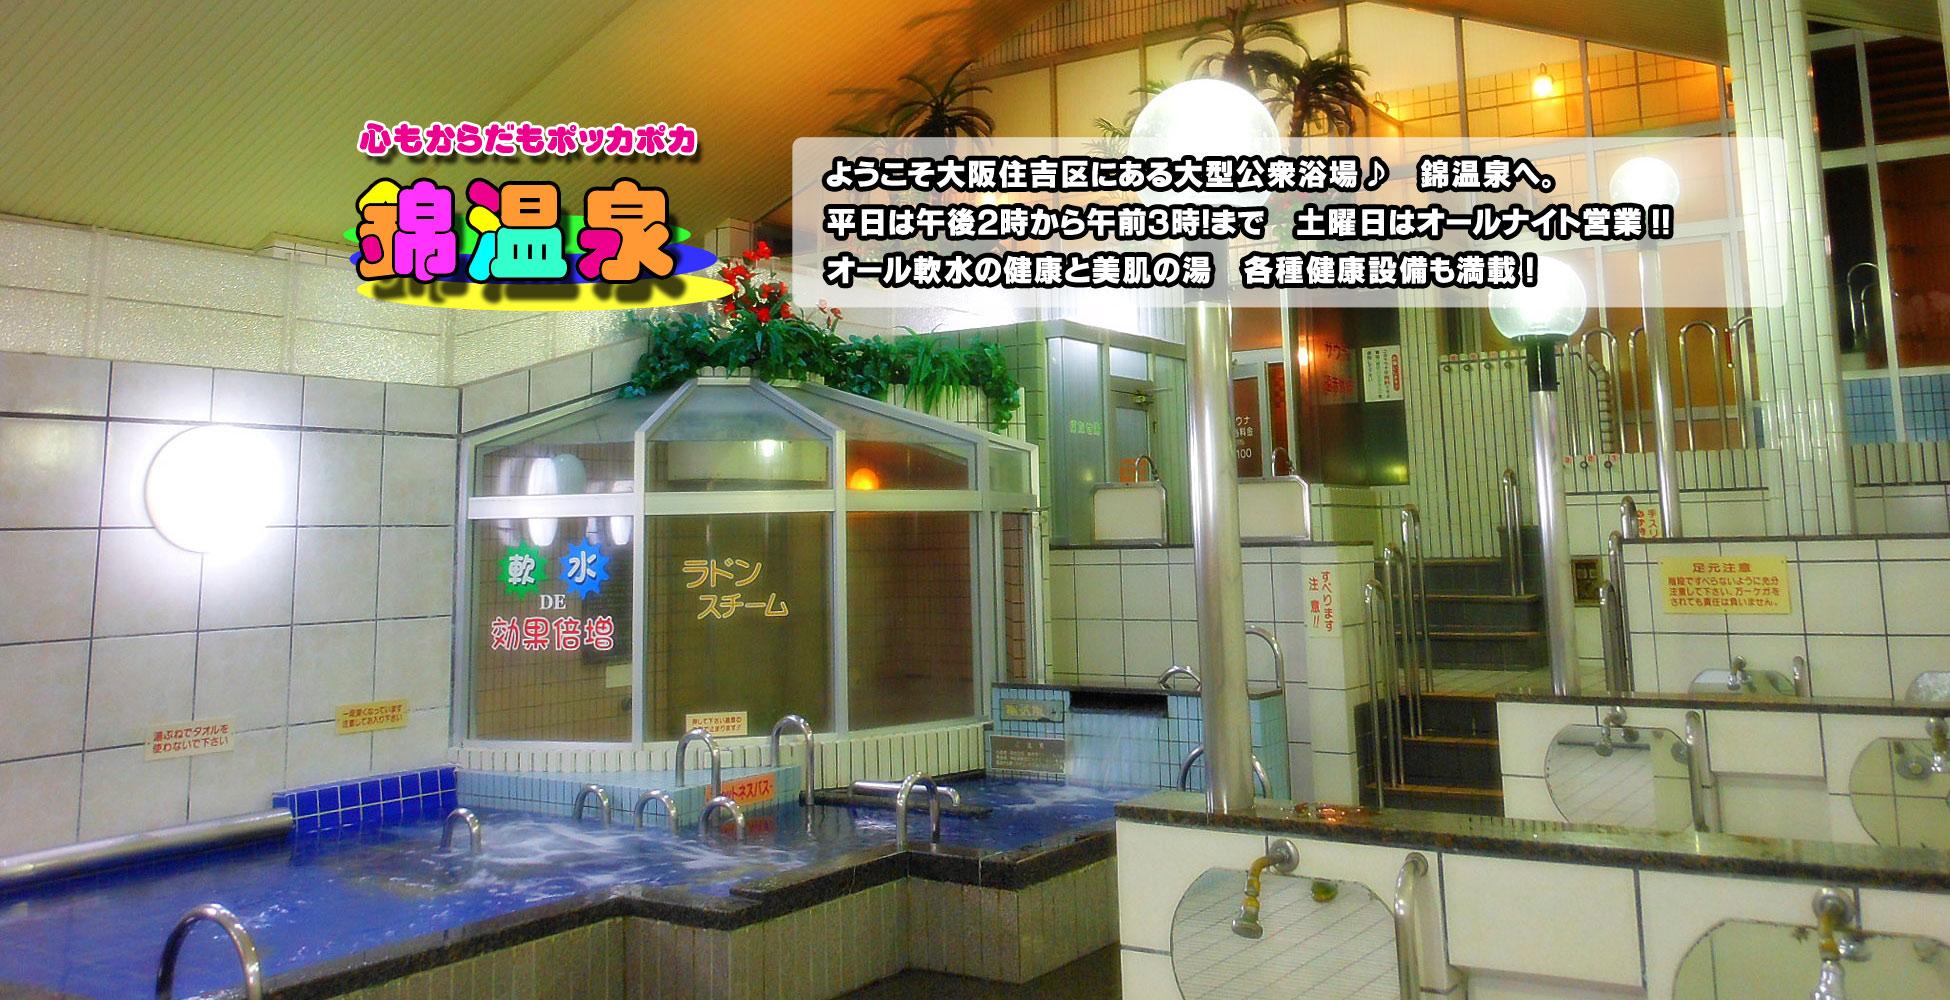 大阪市住吉区にある公衆浴場・銭湯 錦温泉